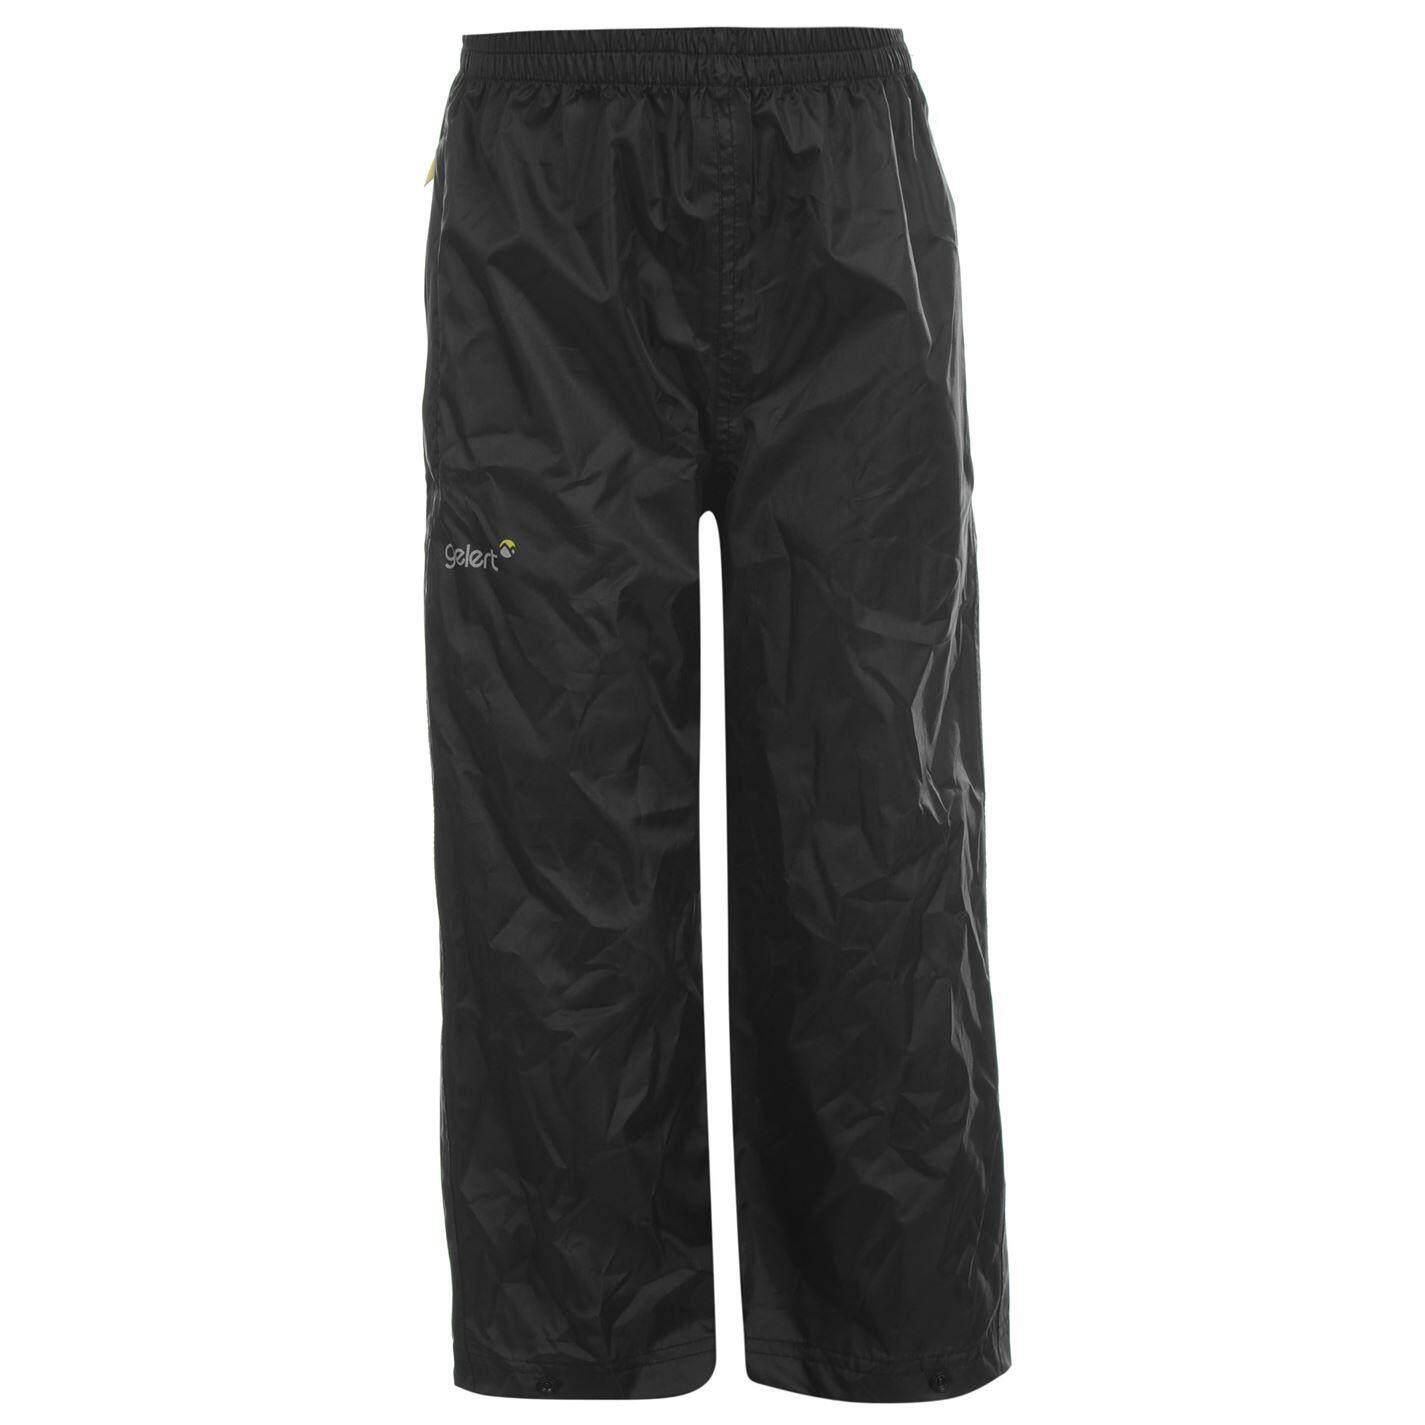 Gelert Kids Boys Packaway Trousers Infants (black) By Sports Direct Mst Sdn Bhd